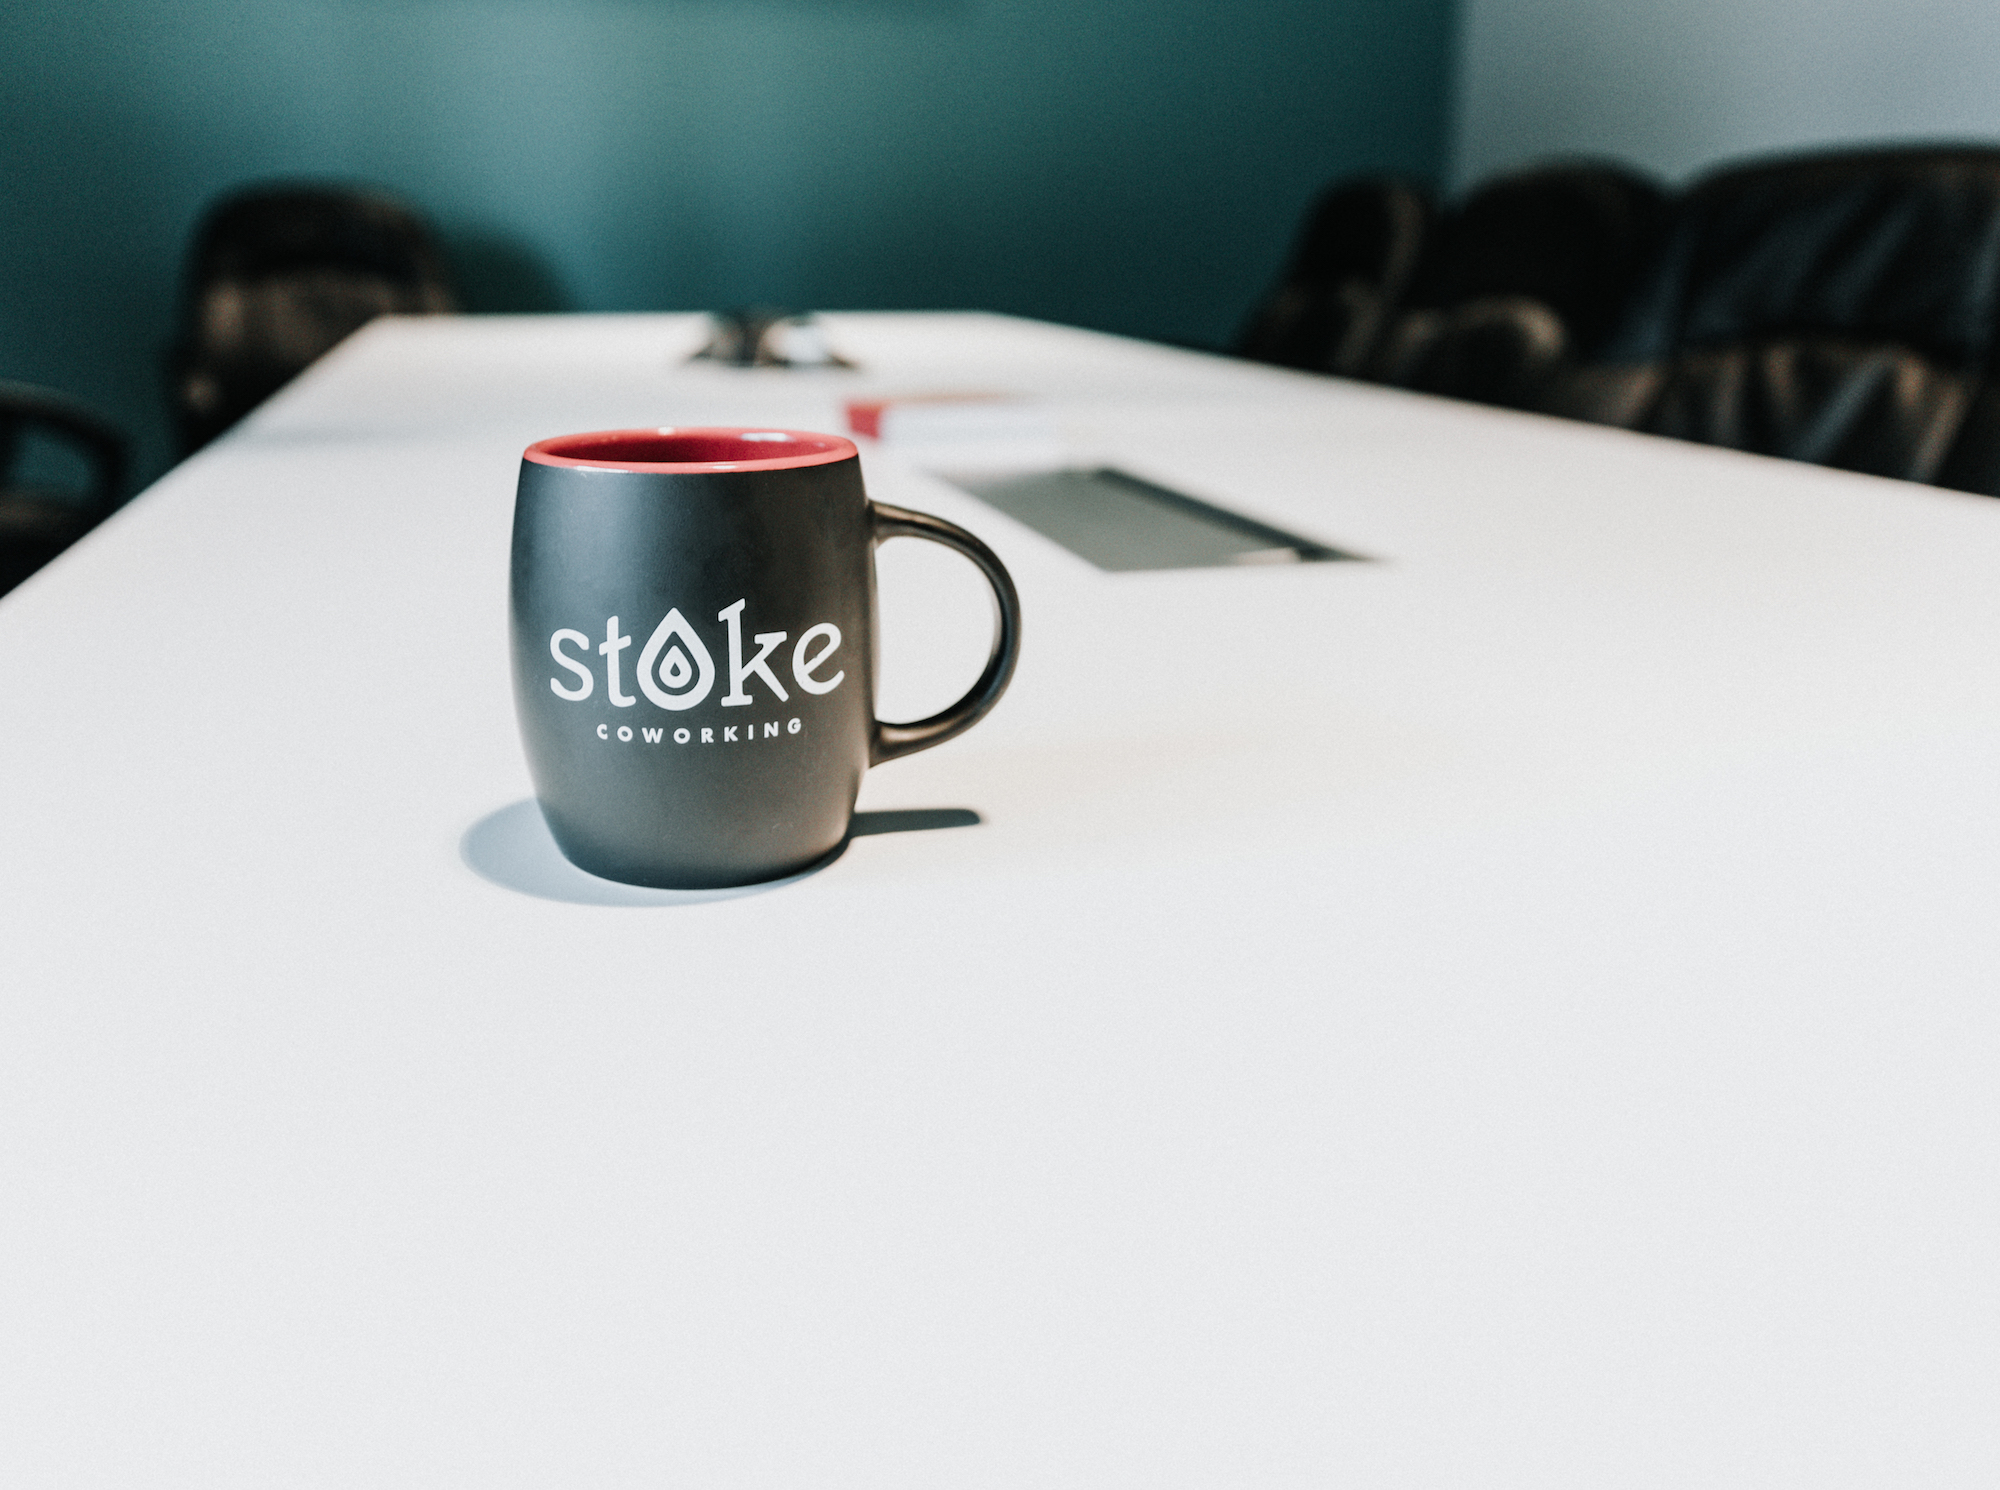 Stoke coworking mug in conference room 3.jpg